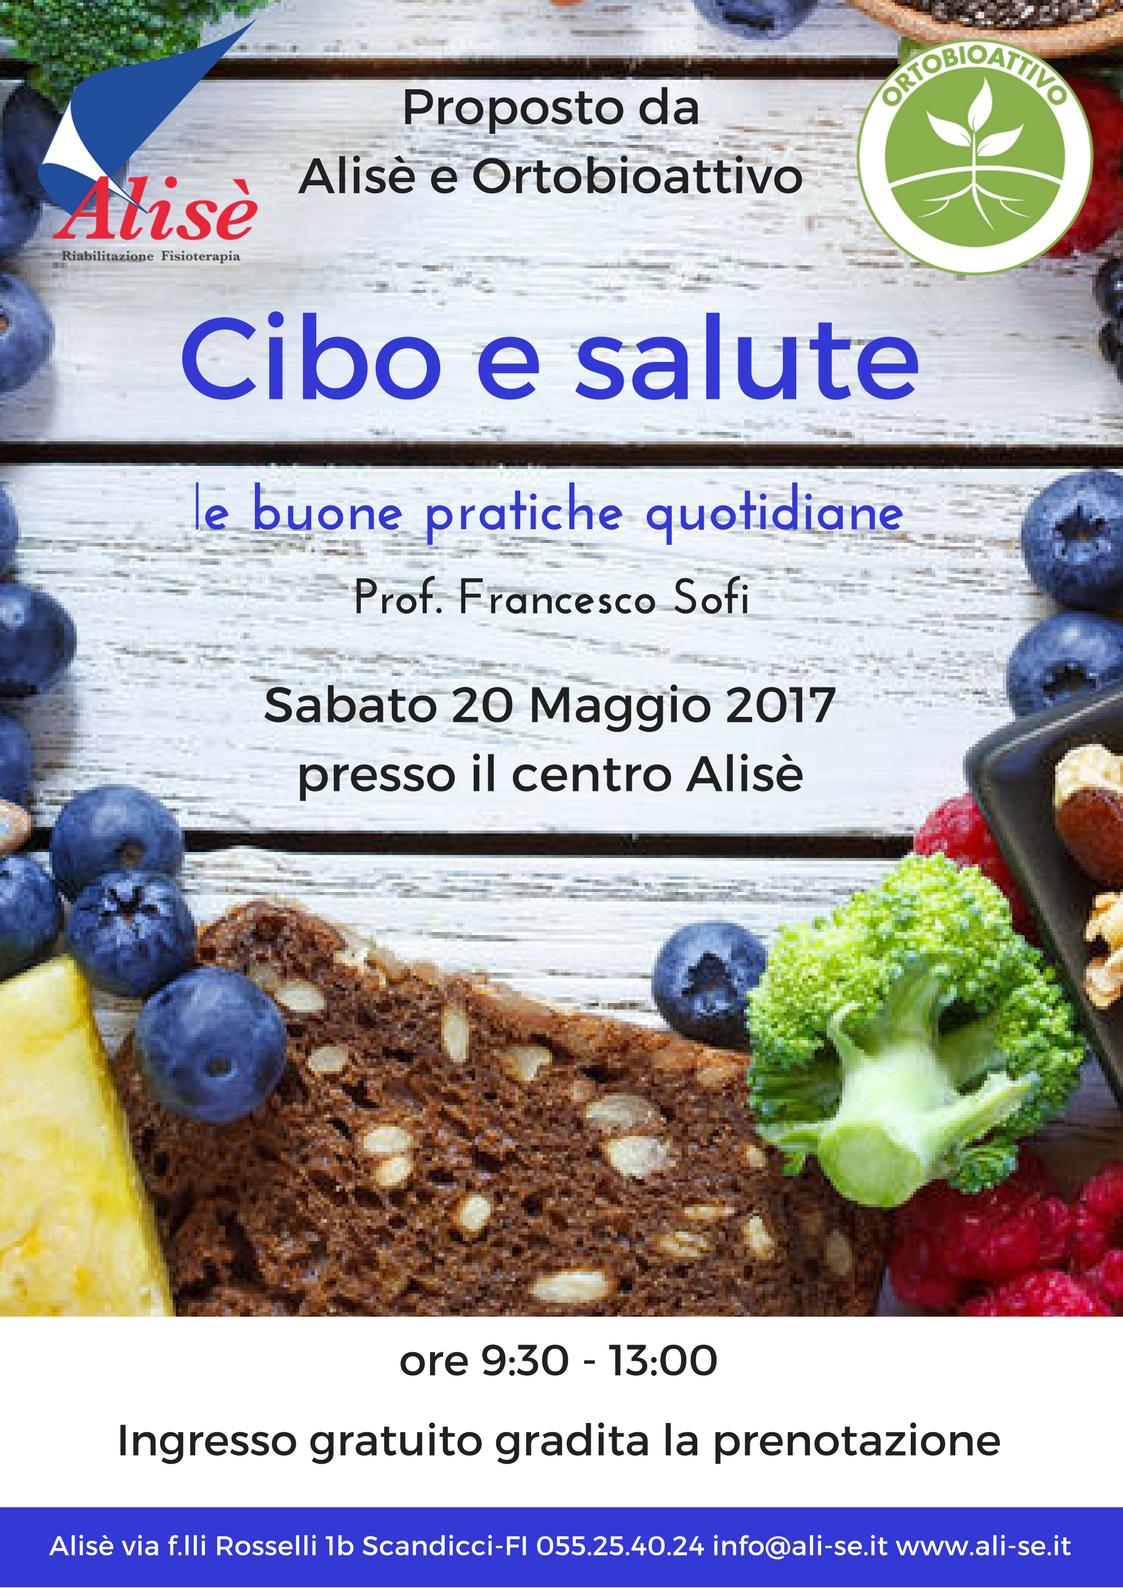 Locandina_Invito_Cibo_e_Salute_Sofi_Alisè